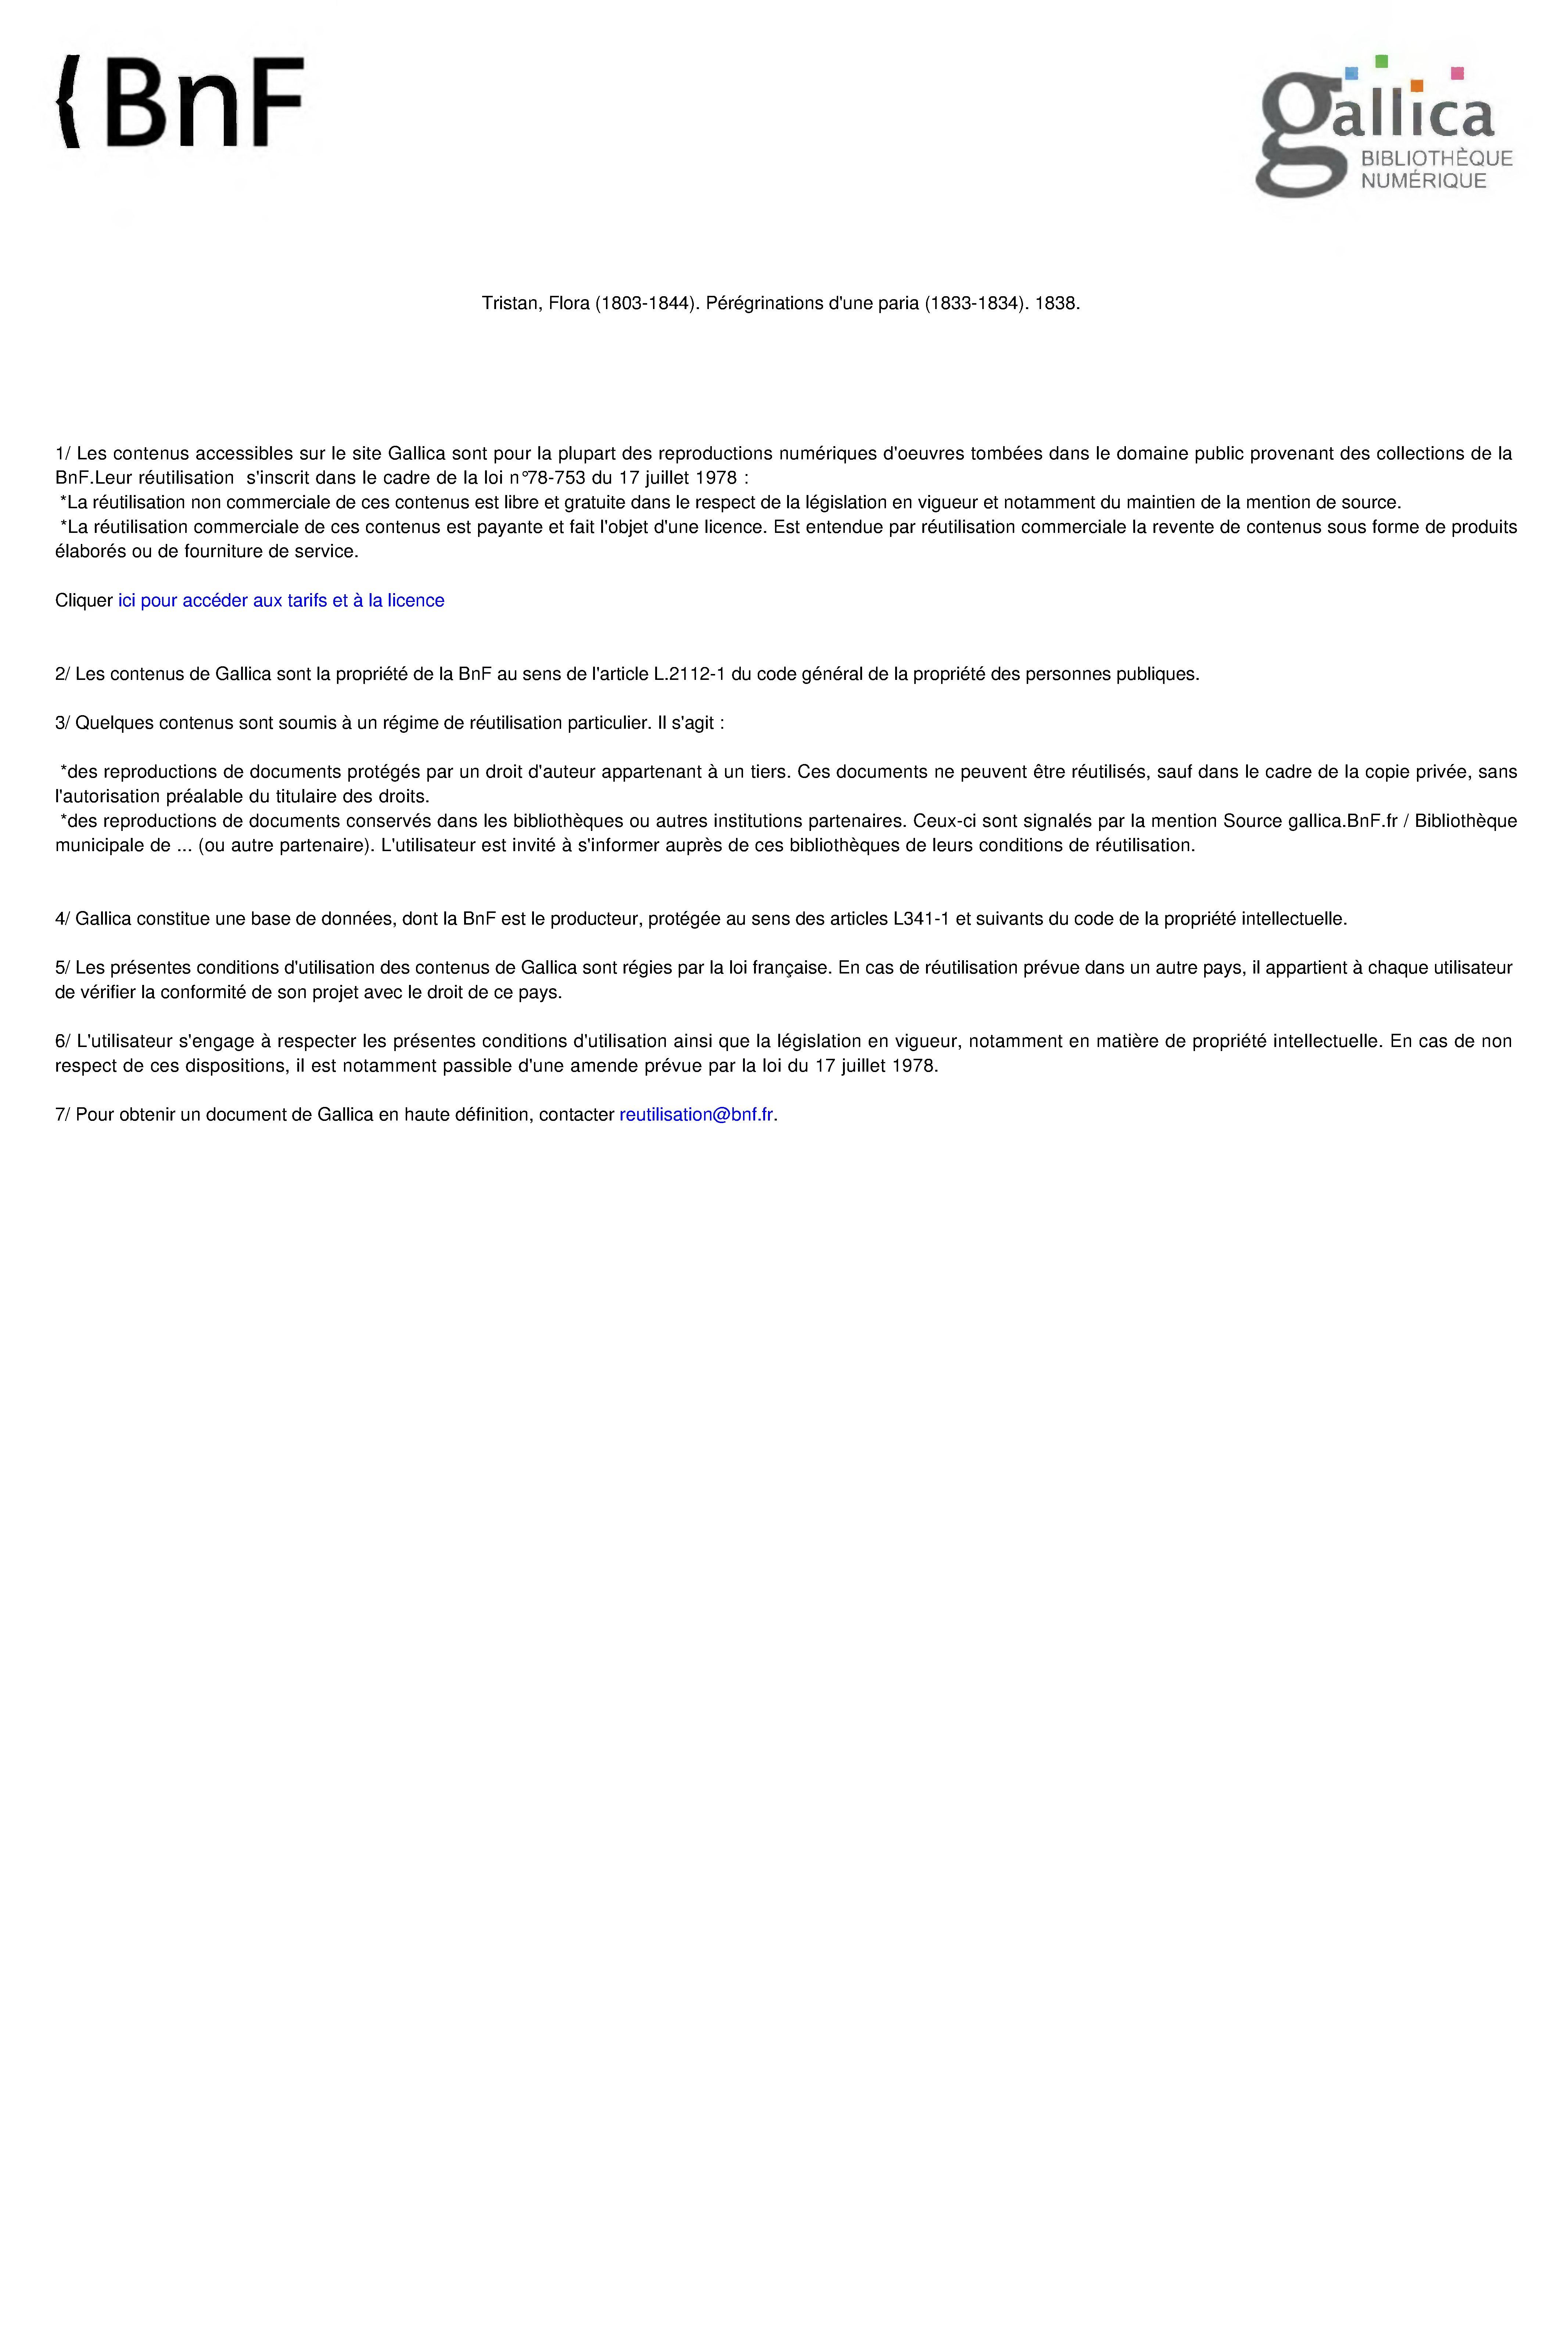 5e26b83ecc210 Fichier:Flora Tristan - Peregrinations d une paria, 1838, II.djvu ...